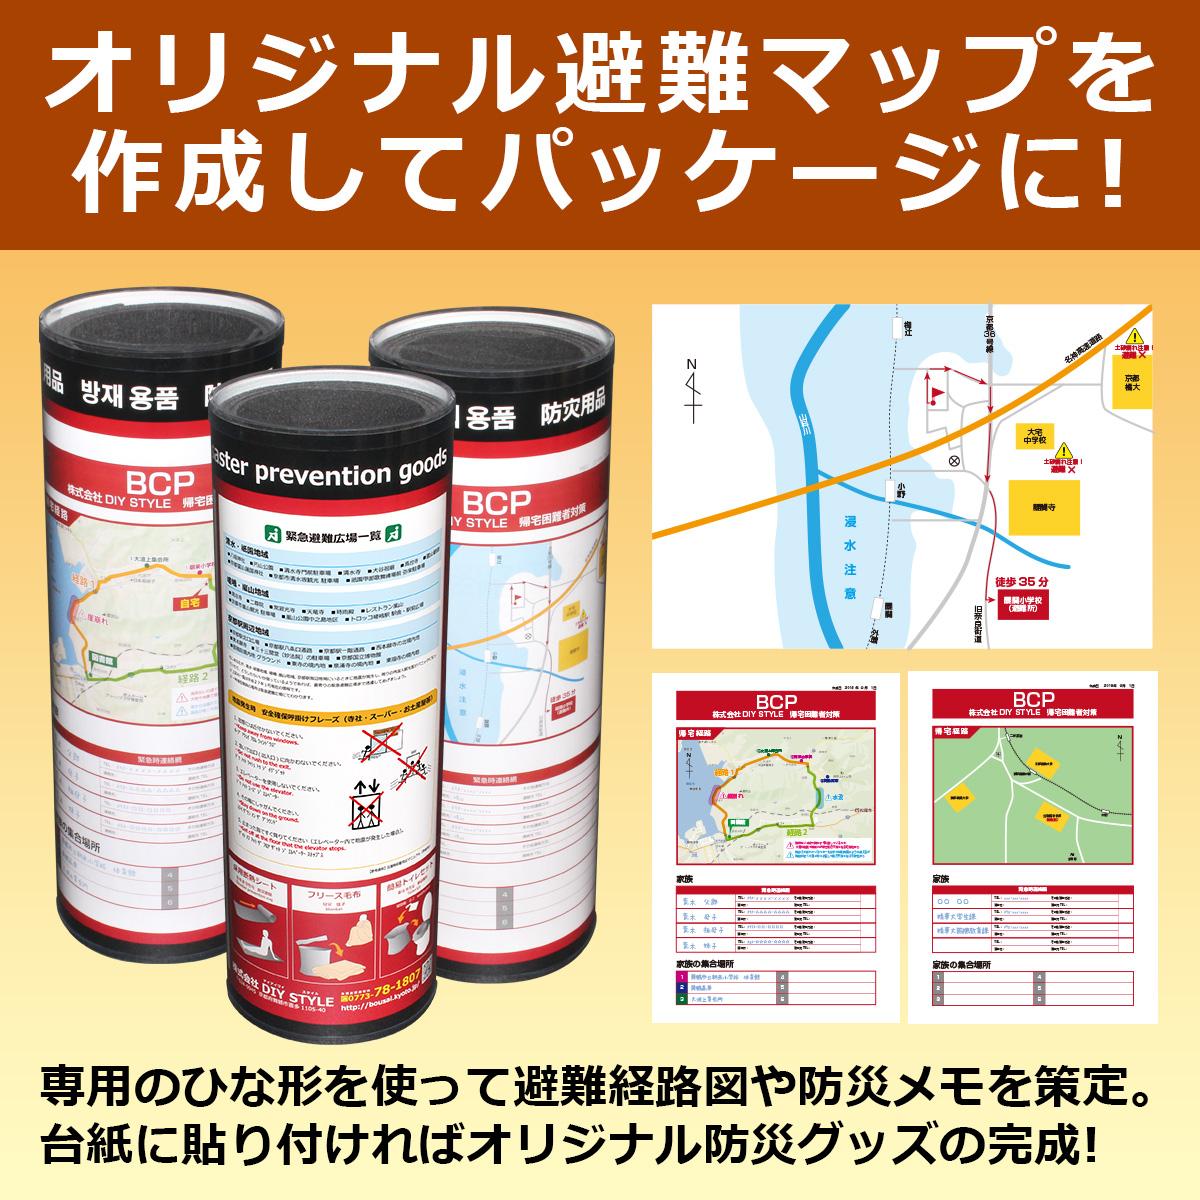 オロジナル避難マップを作製してパッケージに!専用のひな形を使って避難経路図や防災メモを策定。台紙に貼り付ければオリジナル防災グッズの完成!